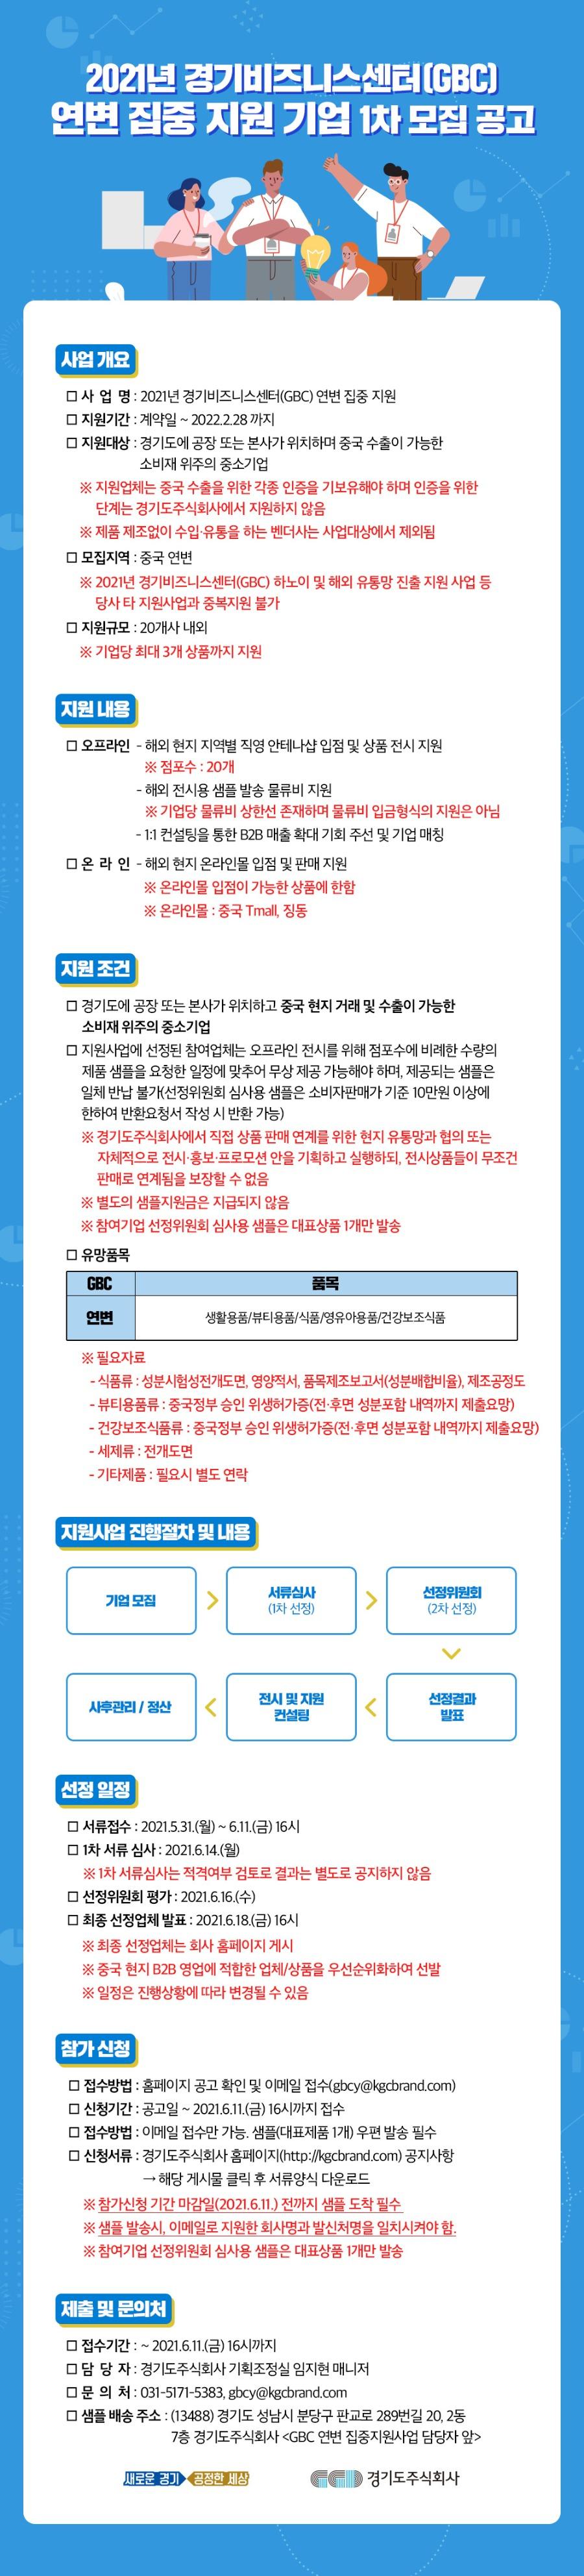 210528-경기비즈니스센터_포스터_연변_v03.jpg